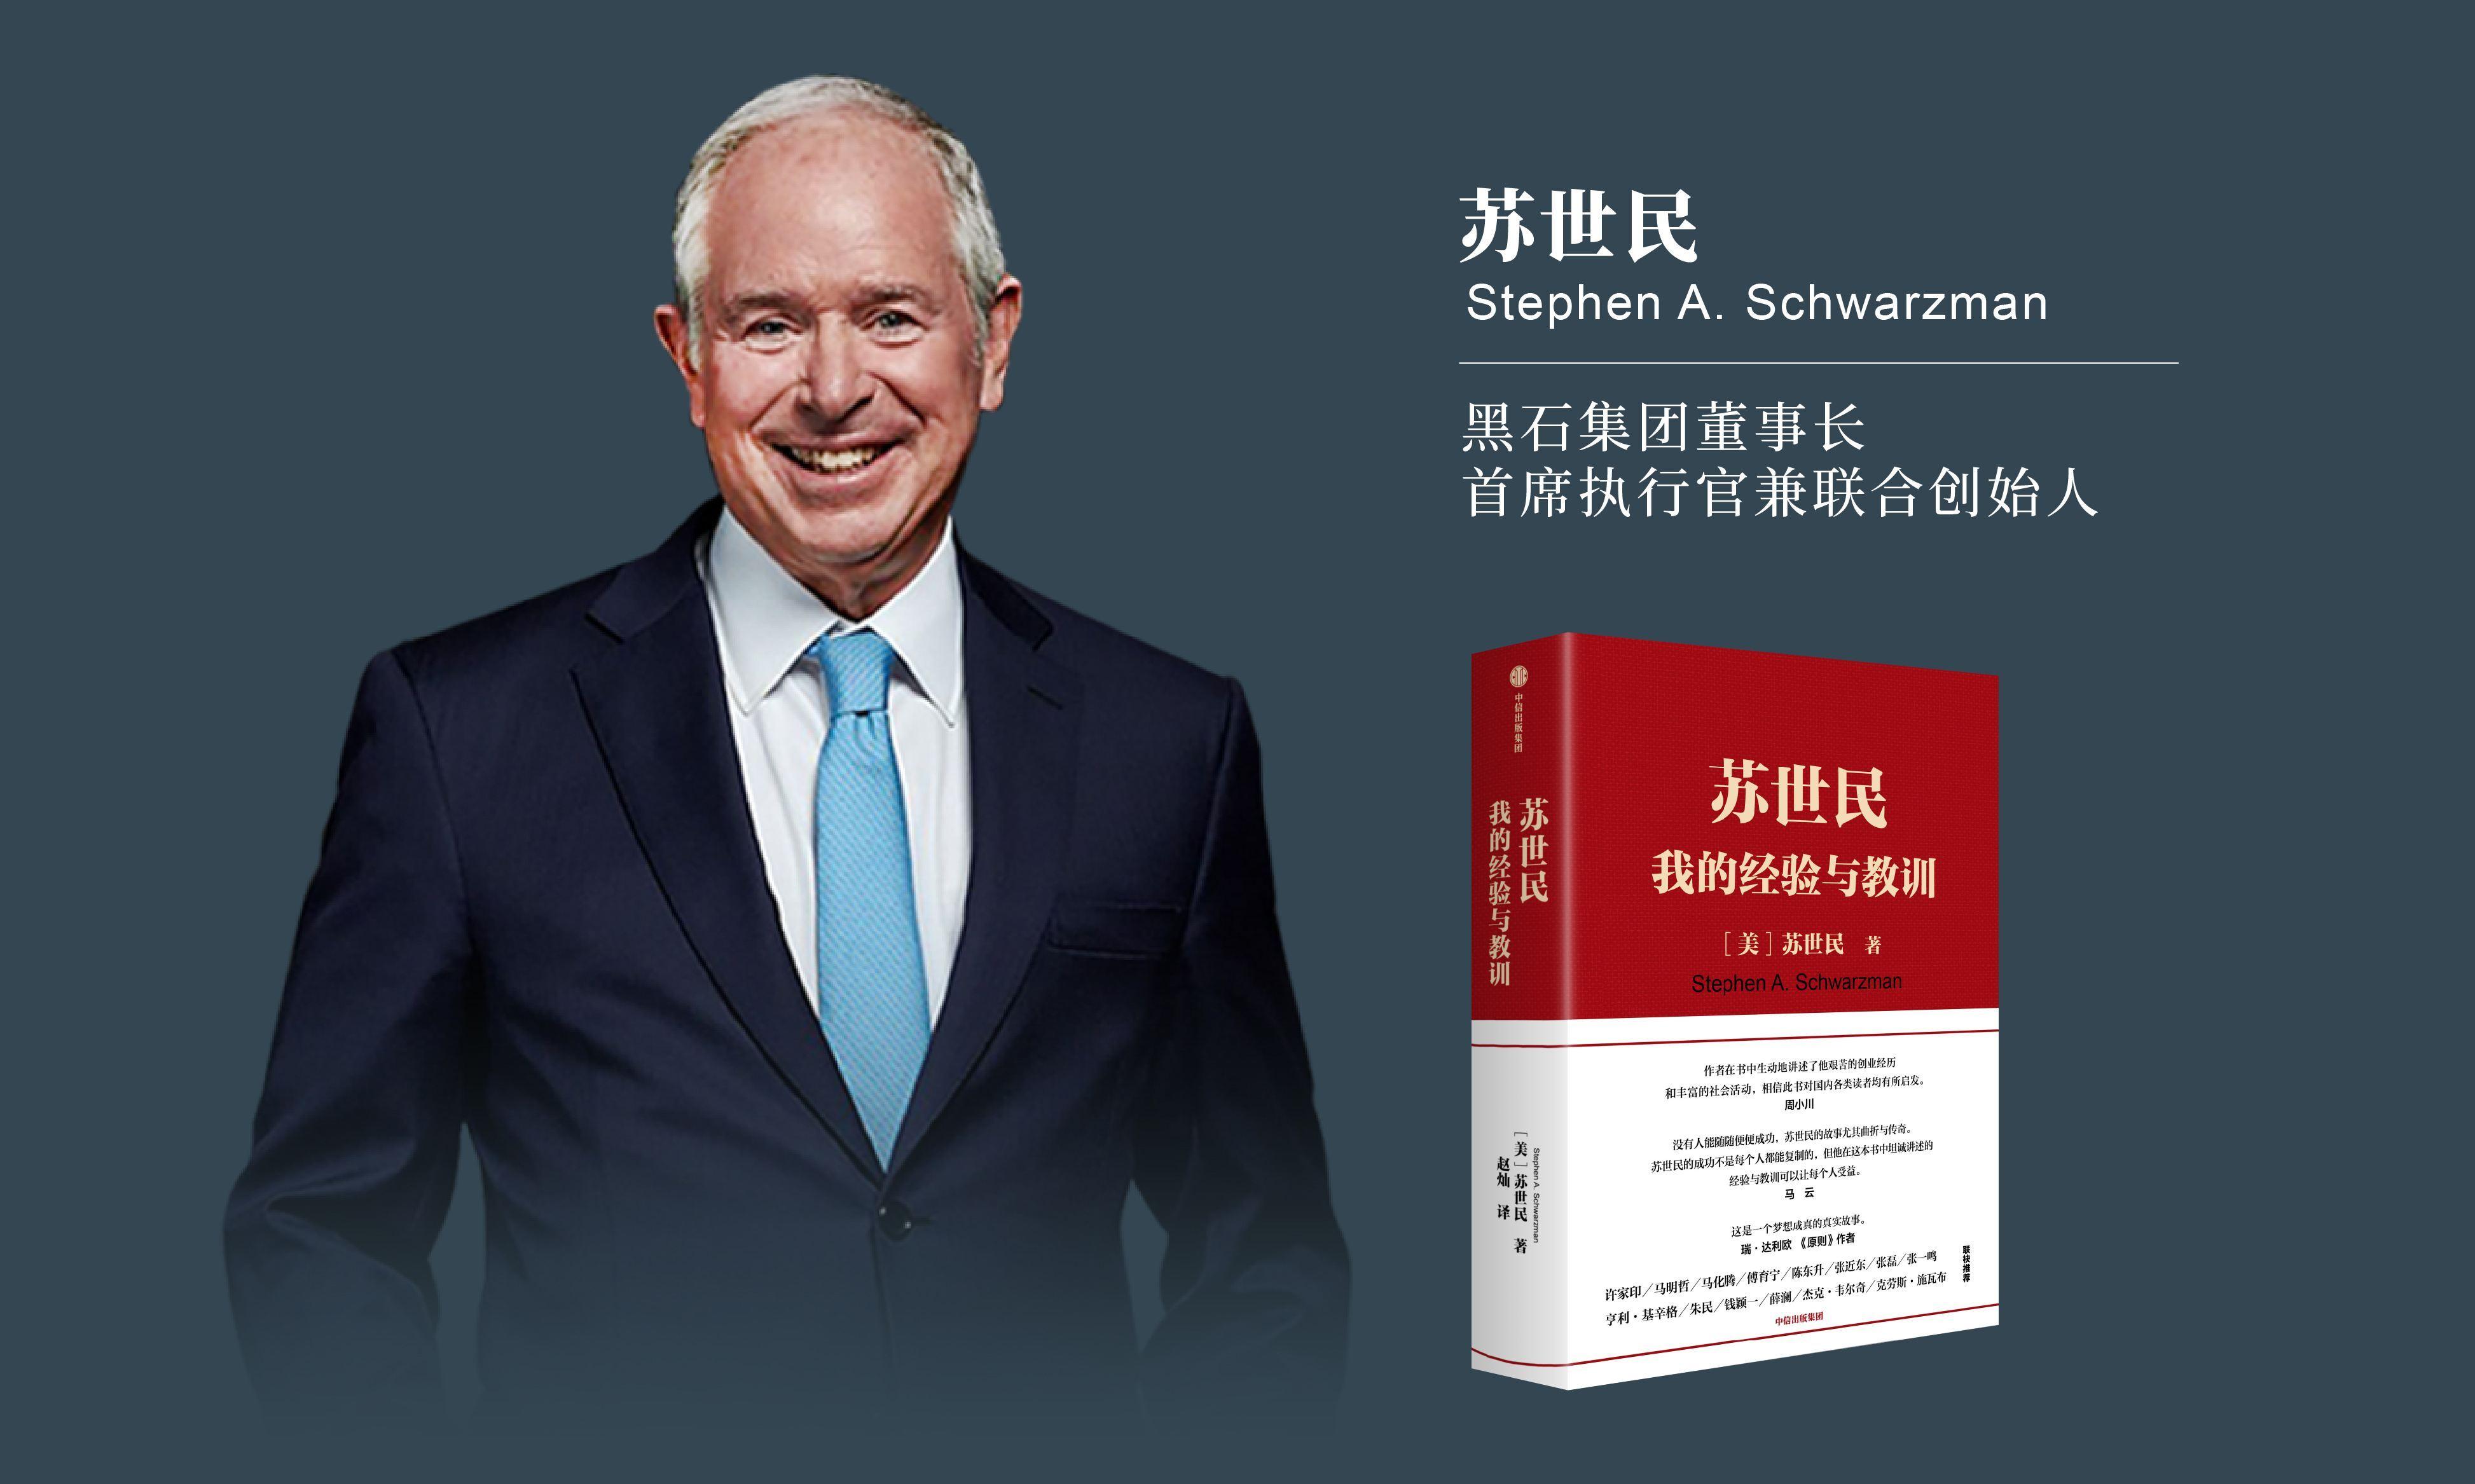 从40万美元创业到执掌5500亿美元的帝国,聊聊《苏世民:我的经验与教训》这本书